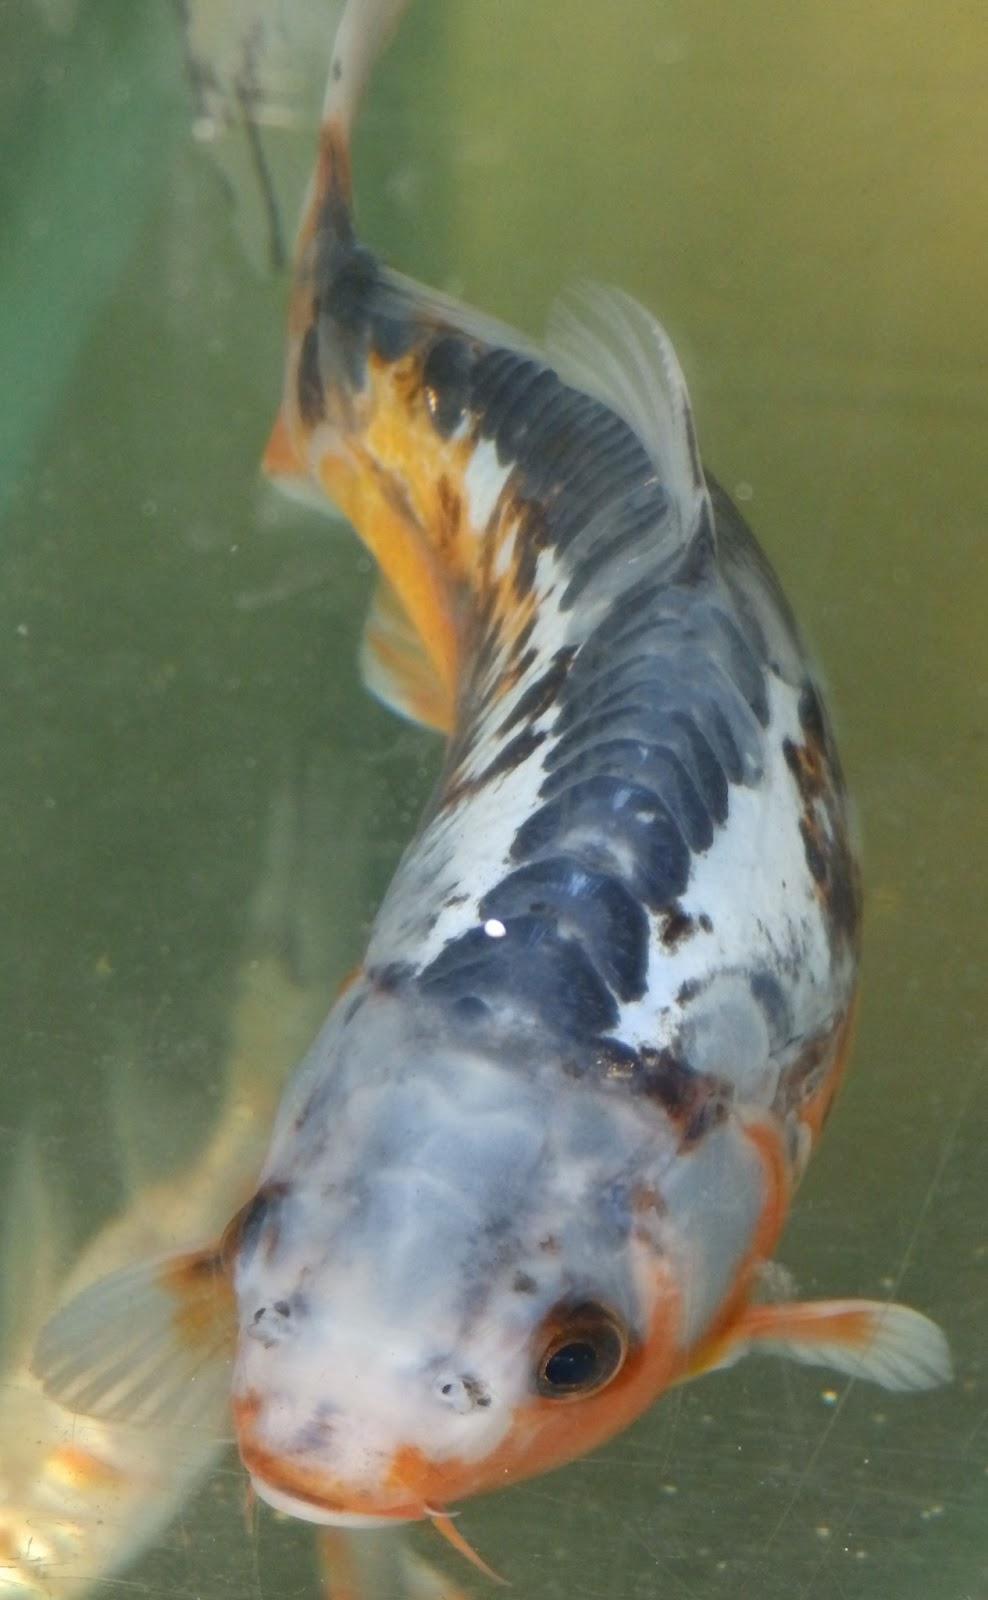 Reptiles amphibians fish the blue orange shusui koi carp for Carpe koi orange